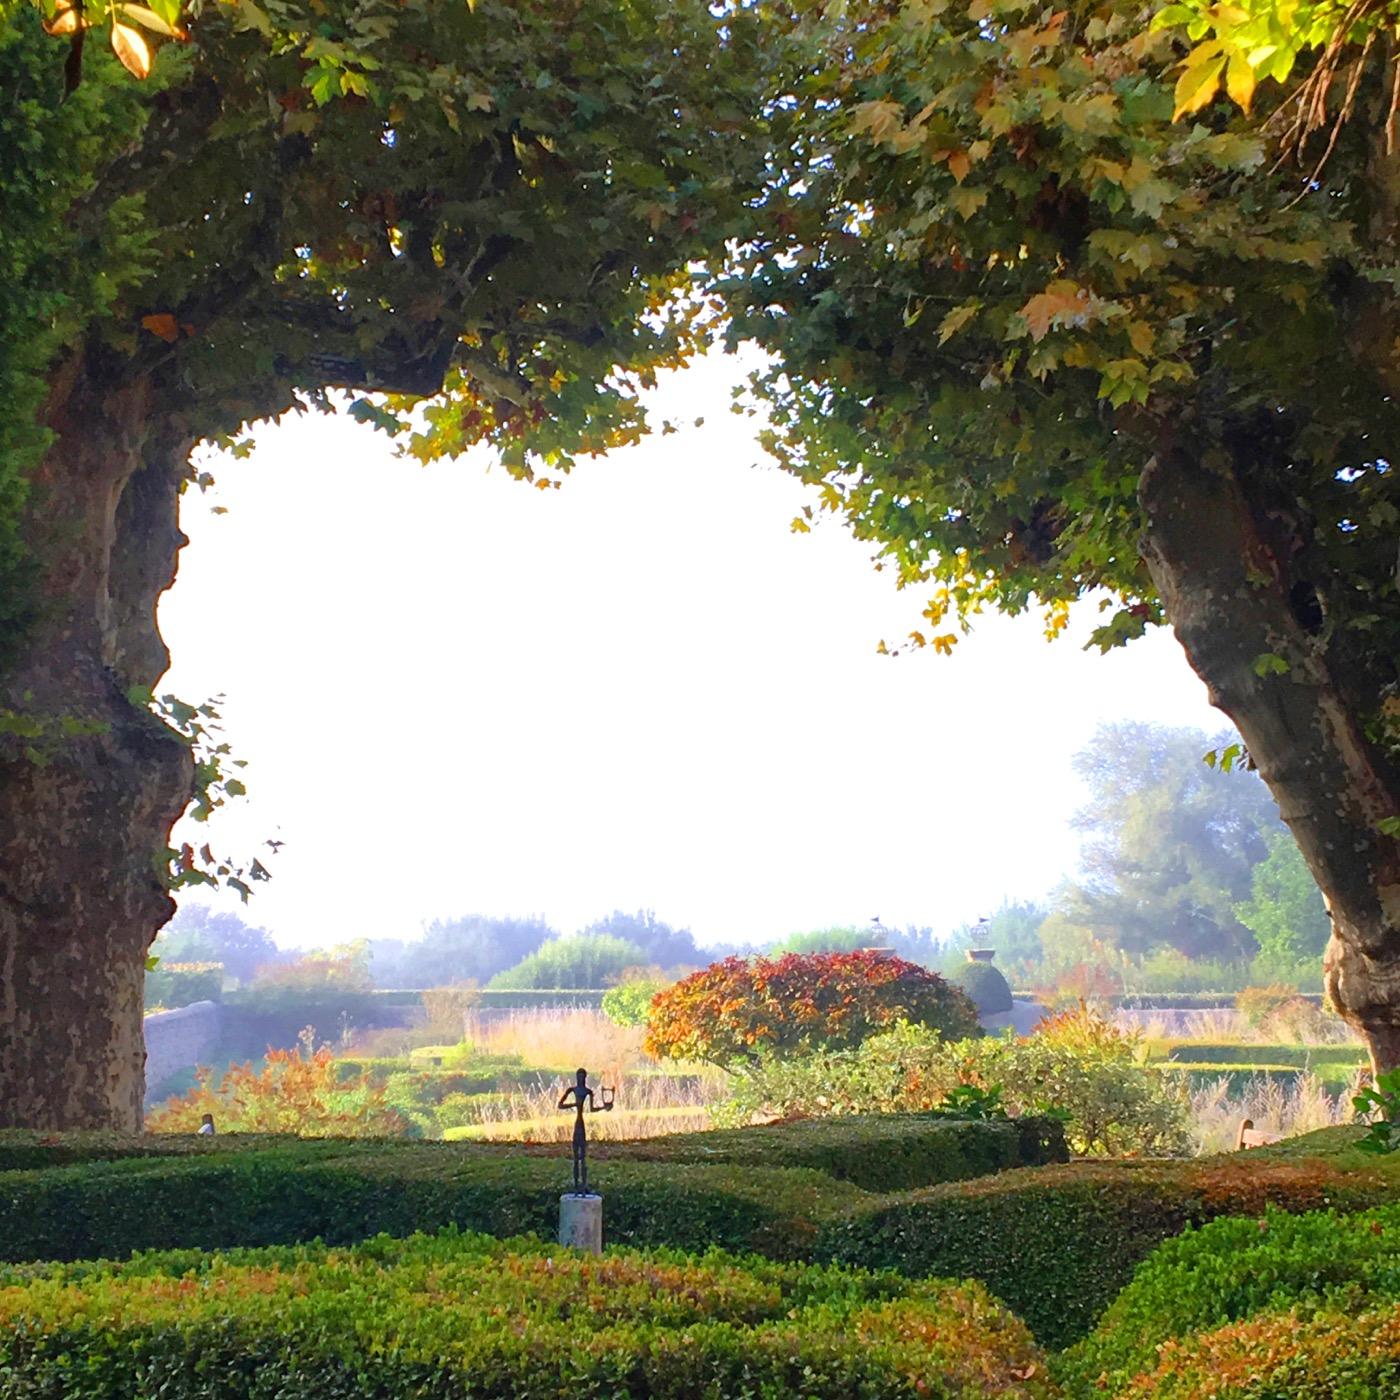 Le Pavillon de Galon - gardens